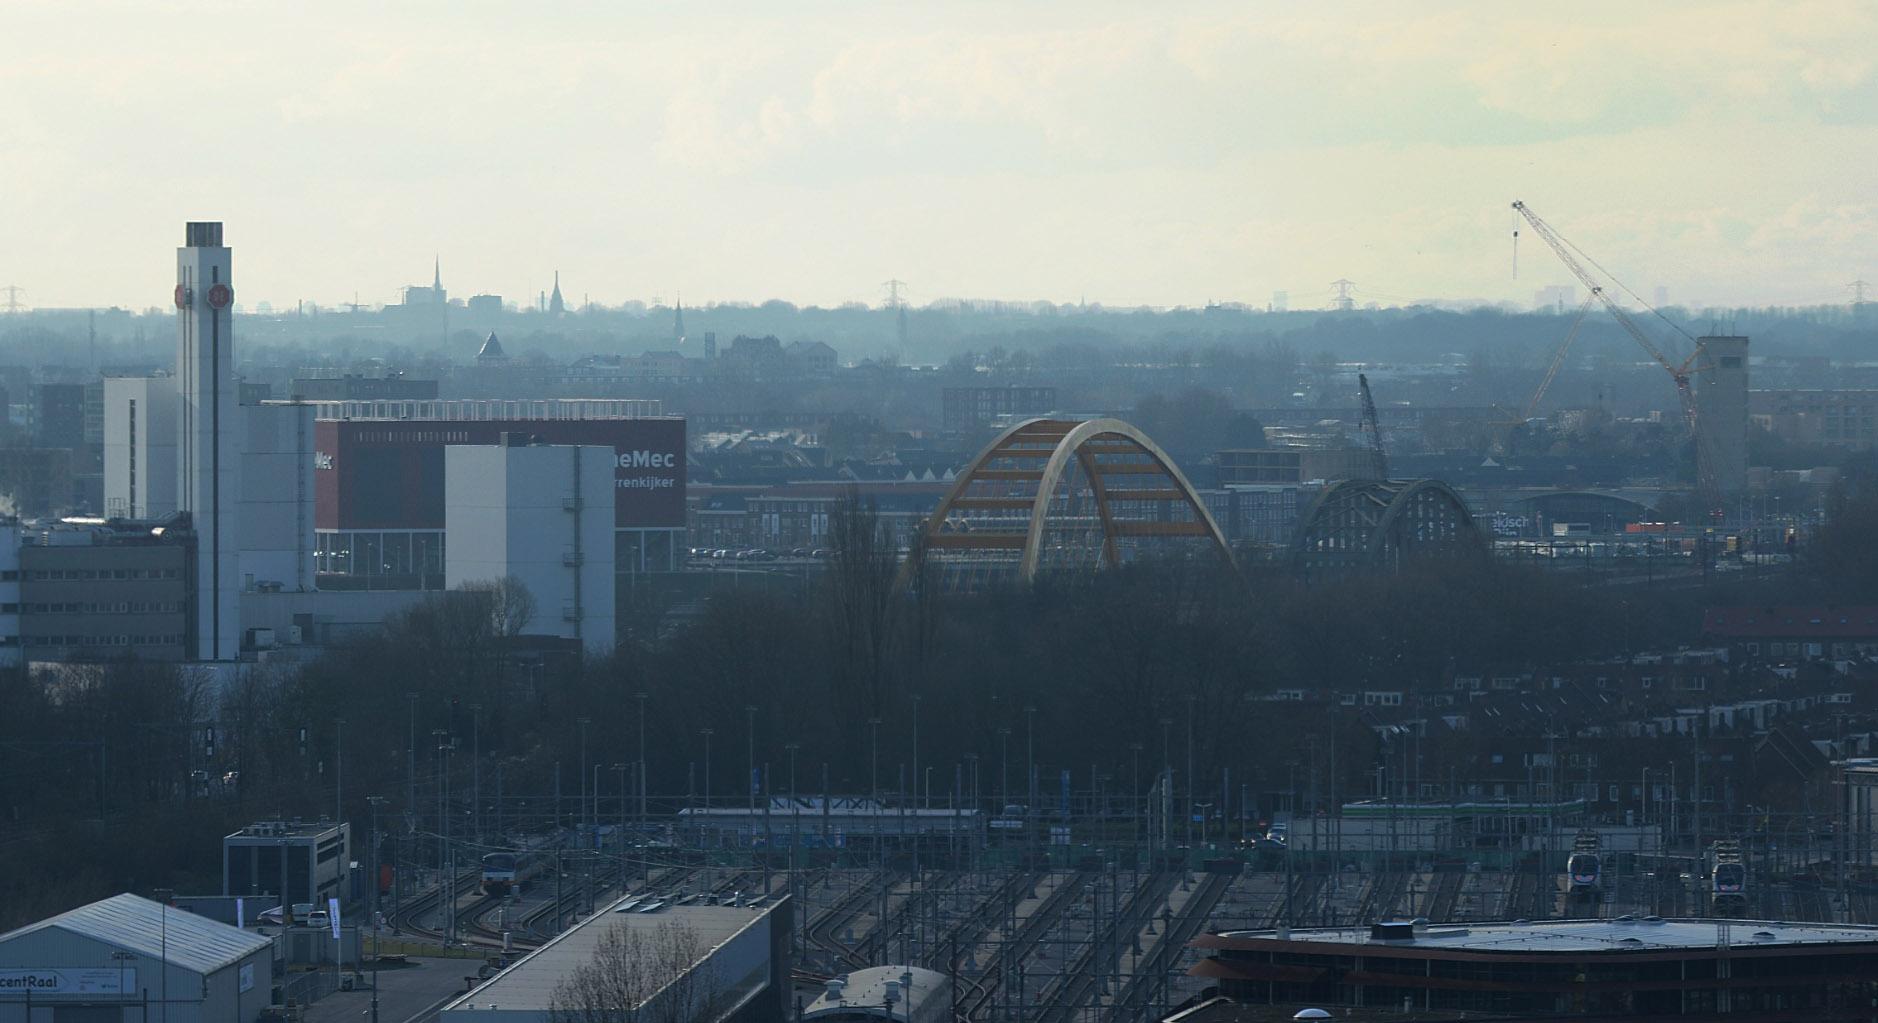 Douwe Egberts, Woerden and Den Haag